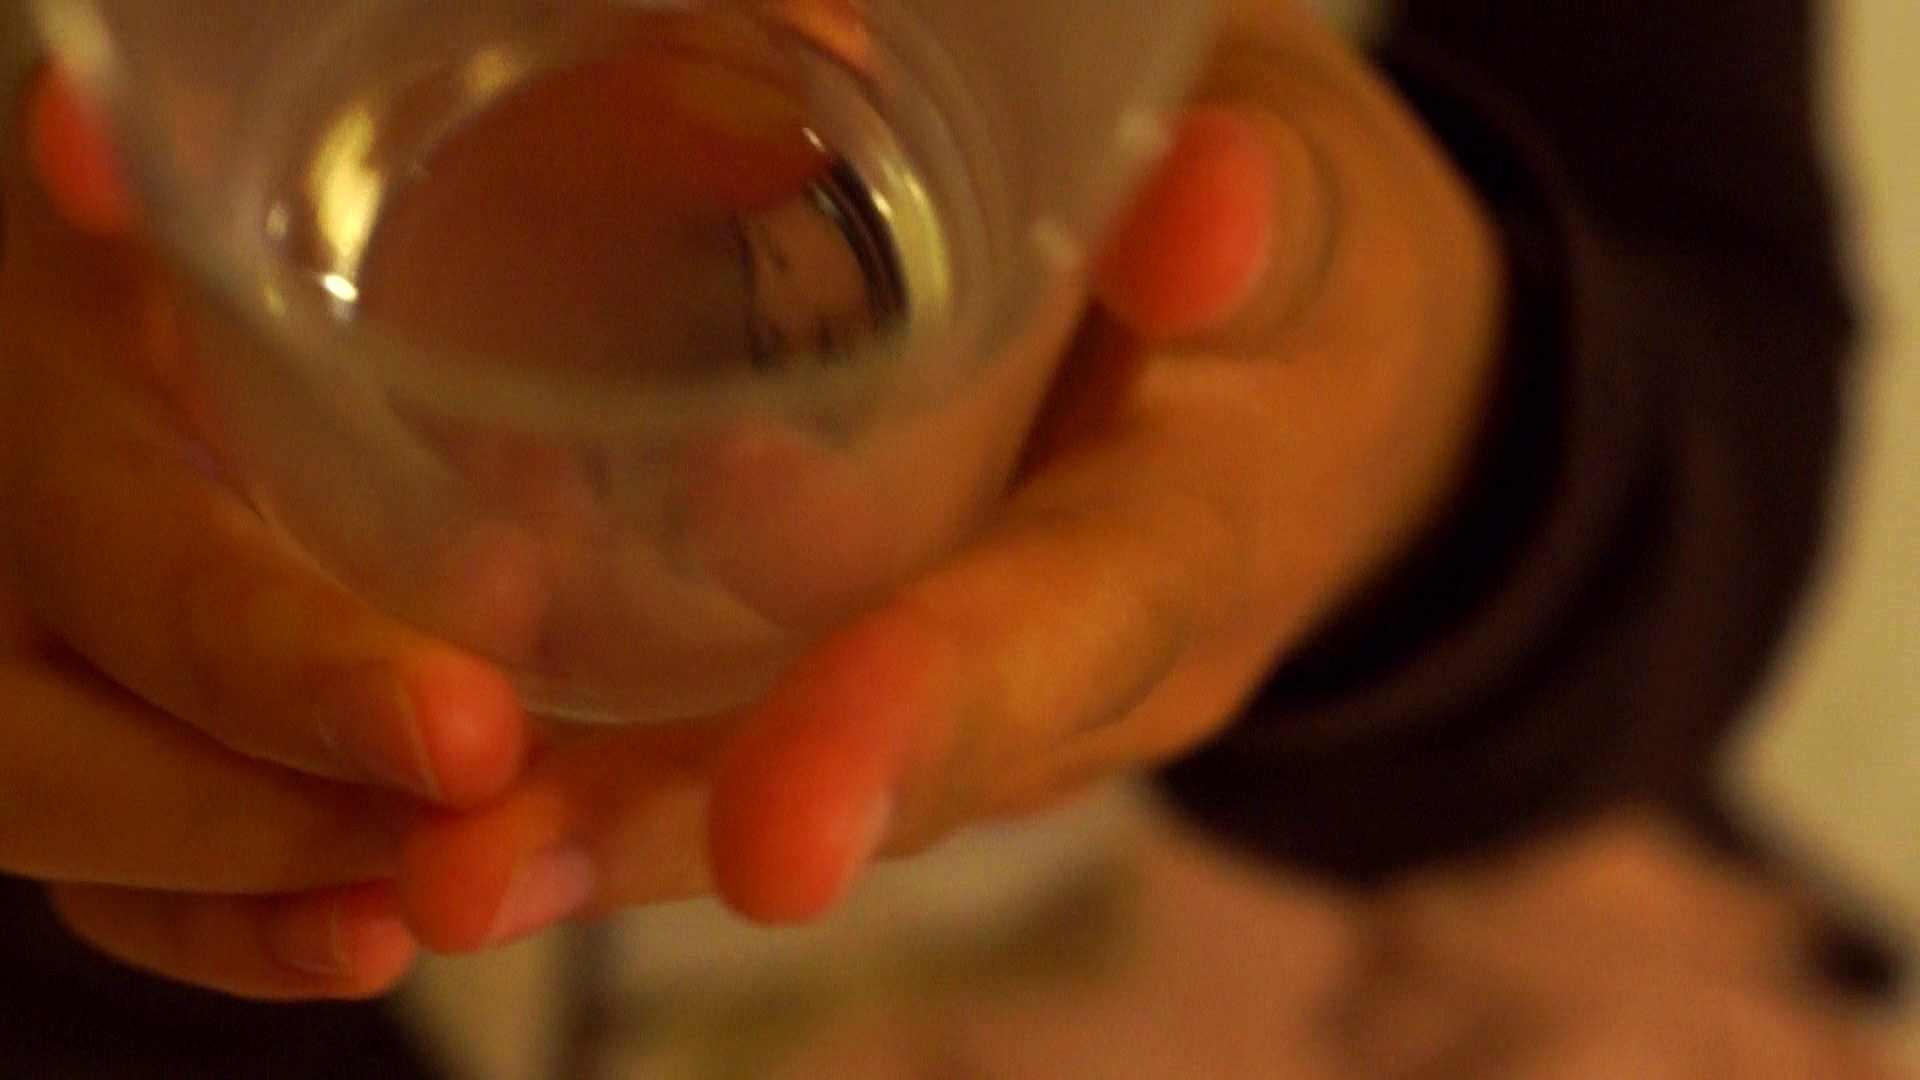 vol.12 瑞希ちゃんにコップを舐めてもらいました。 OL  99連発 97